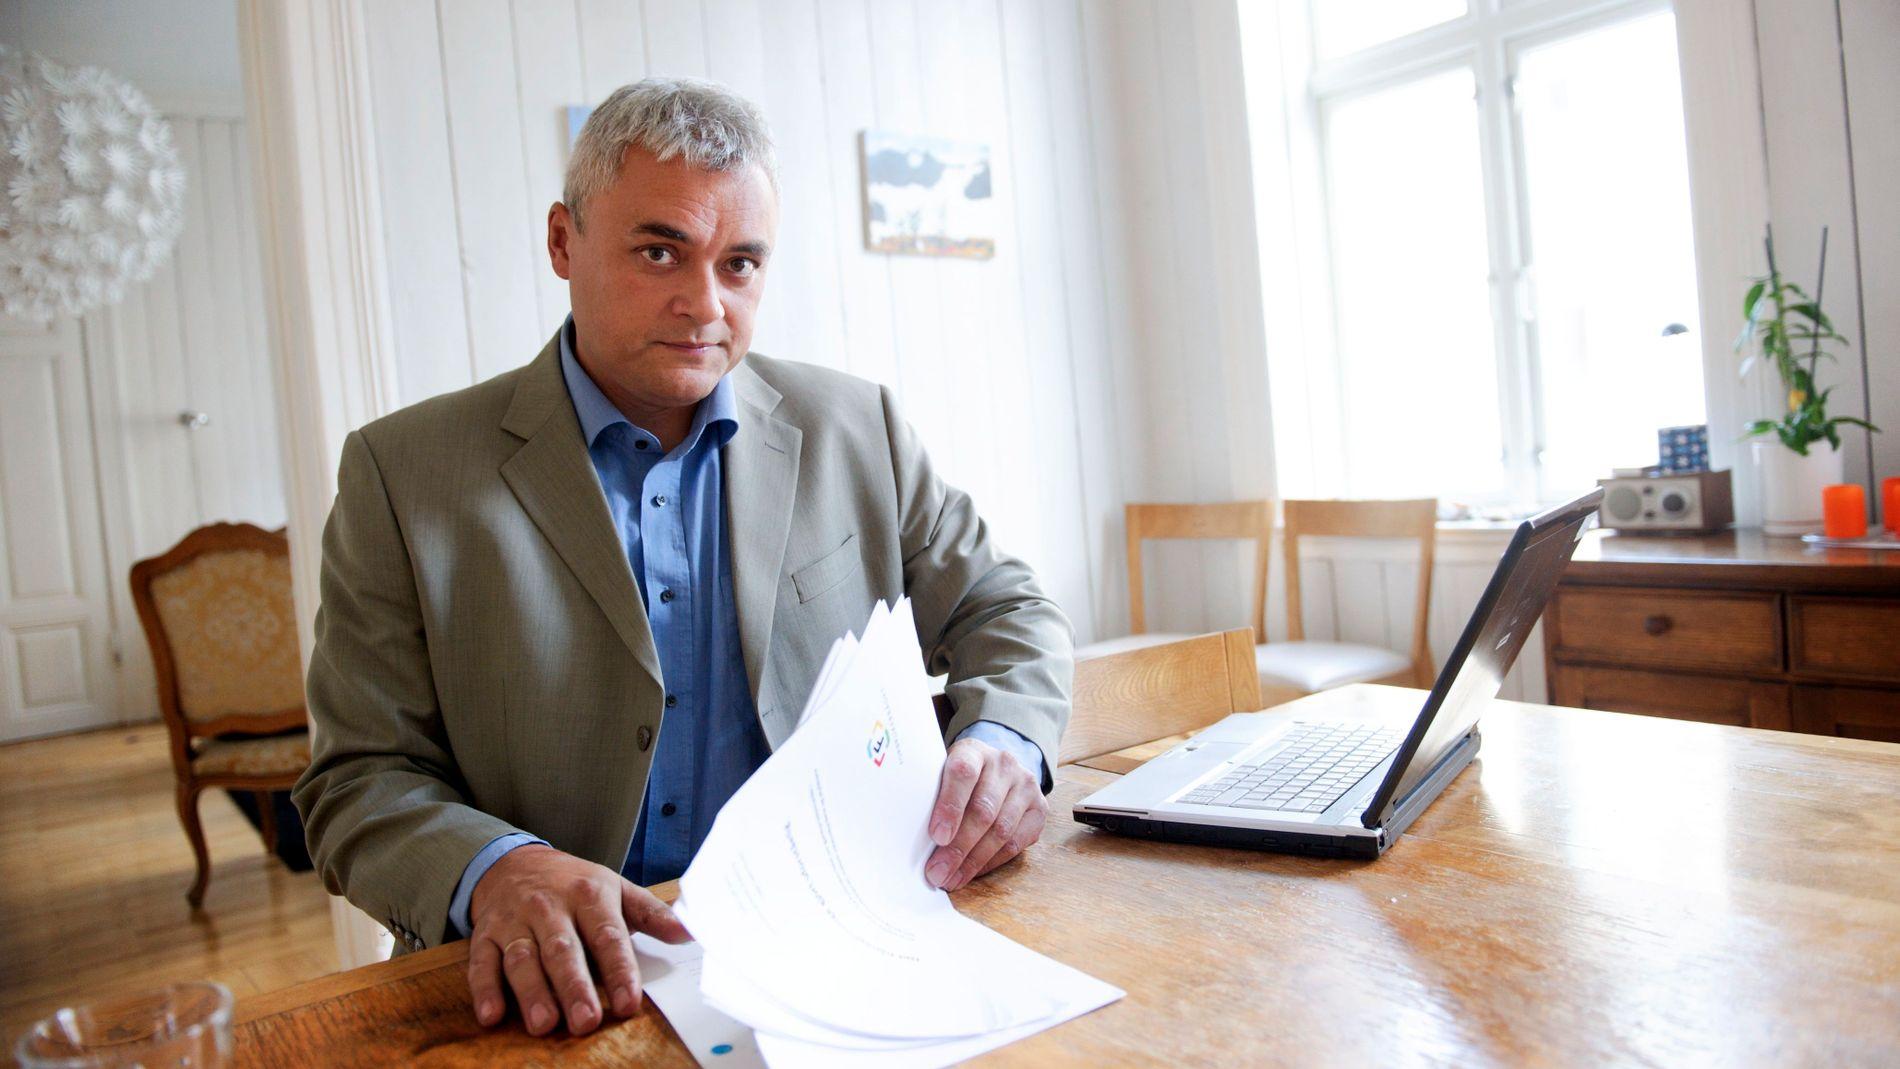 – BURDE BLITT PÅLAGT: Men et privat gjeldsregister er bedre enn å ikke ha noe, sier fagdirektør Jorge Jensen i Forbrukerrådet, som imøteser regjeringens varslede lovforslag denne våren.